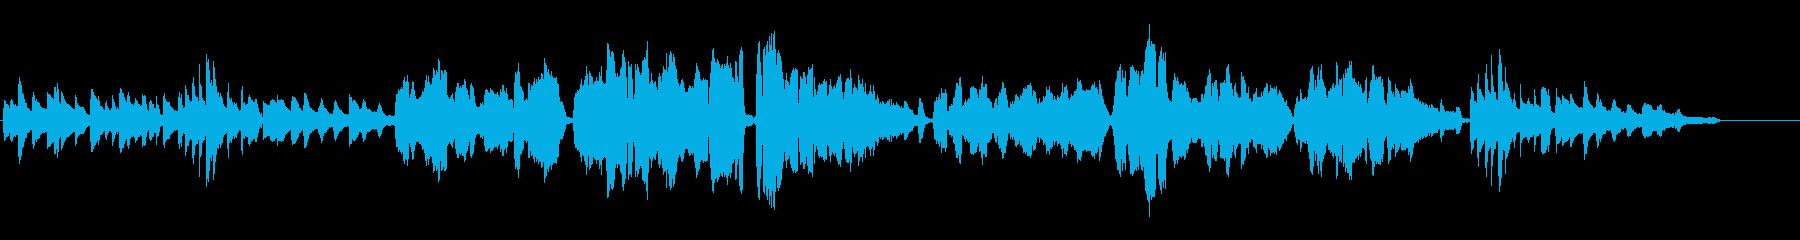 雨降りお月【ソプラノとピアノ】童謡の再生済みの波形